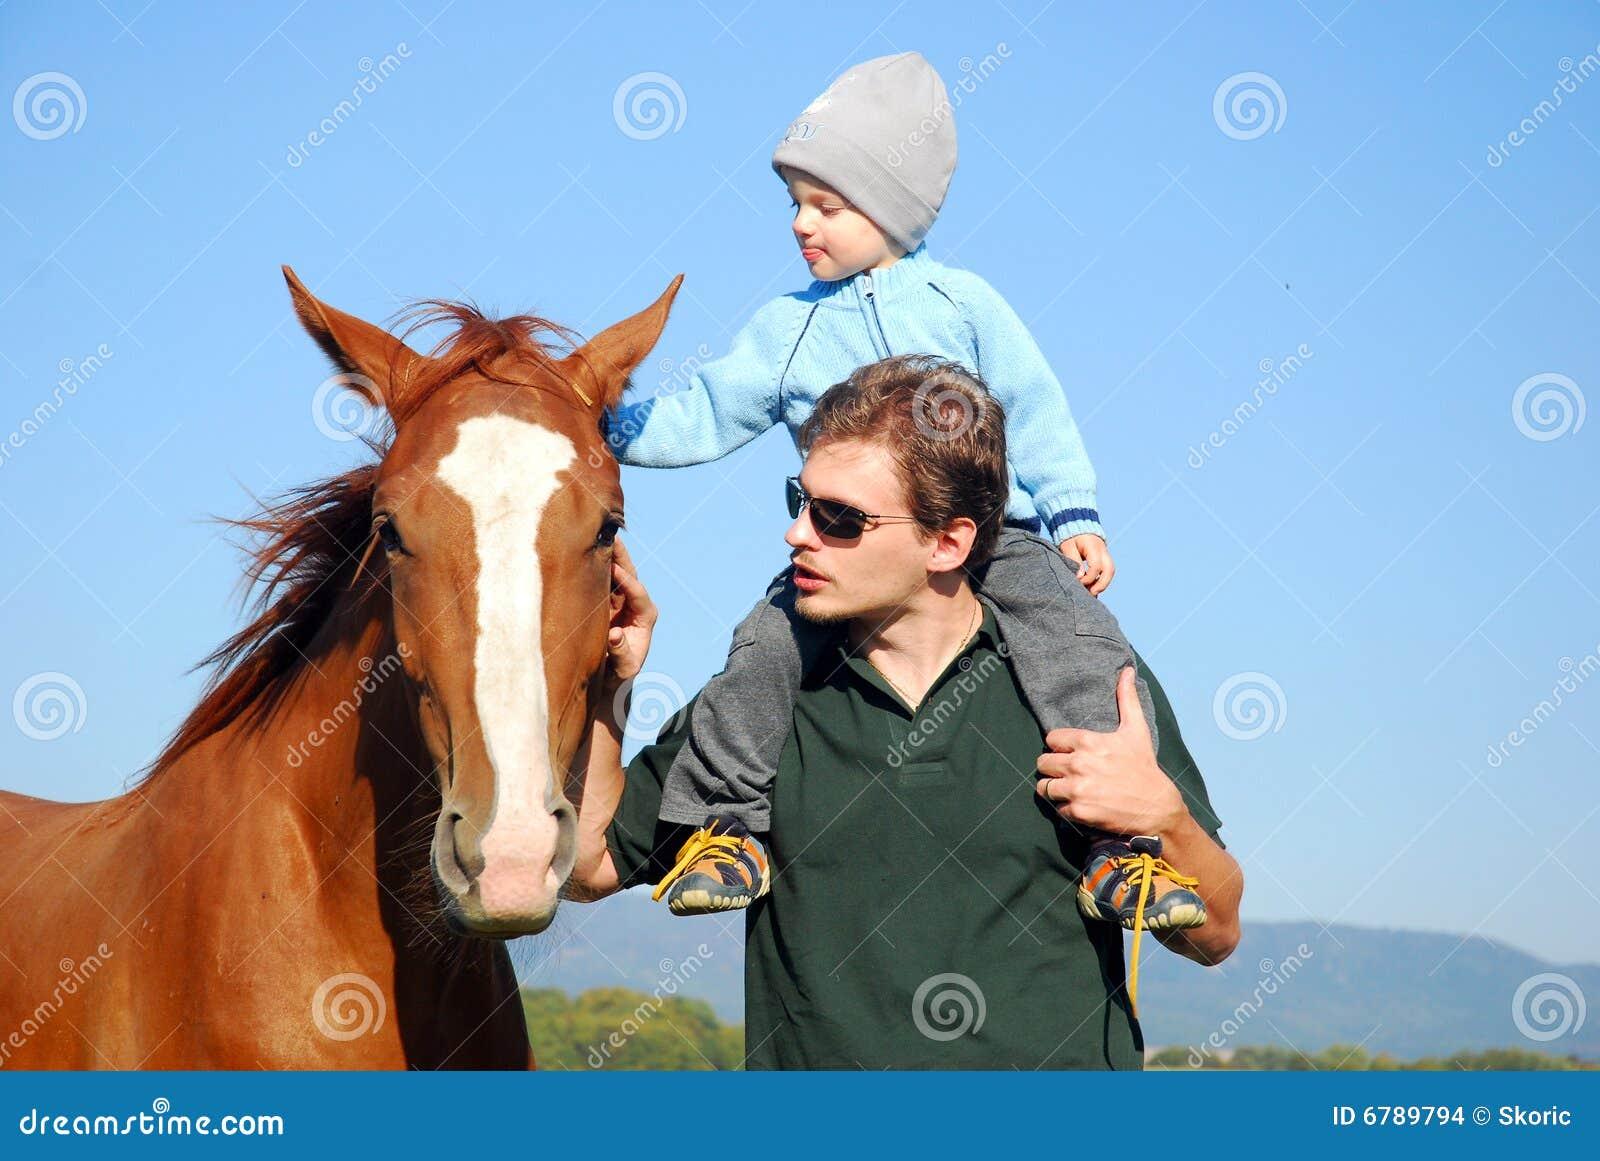 儿童马人 库存图片 - 图片